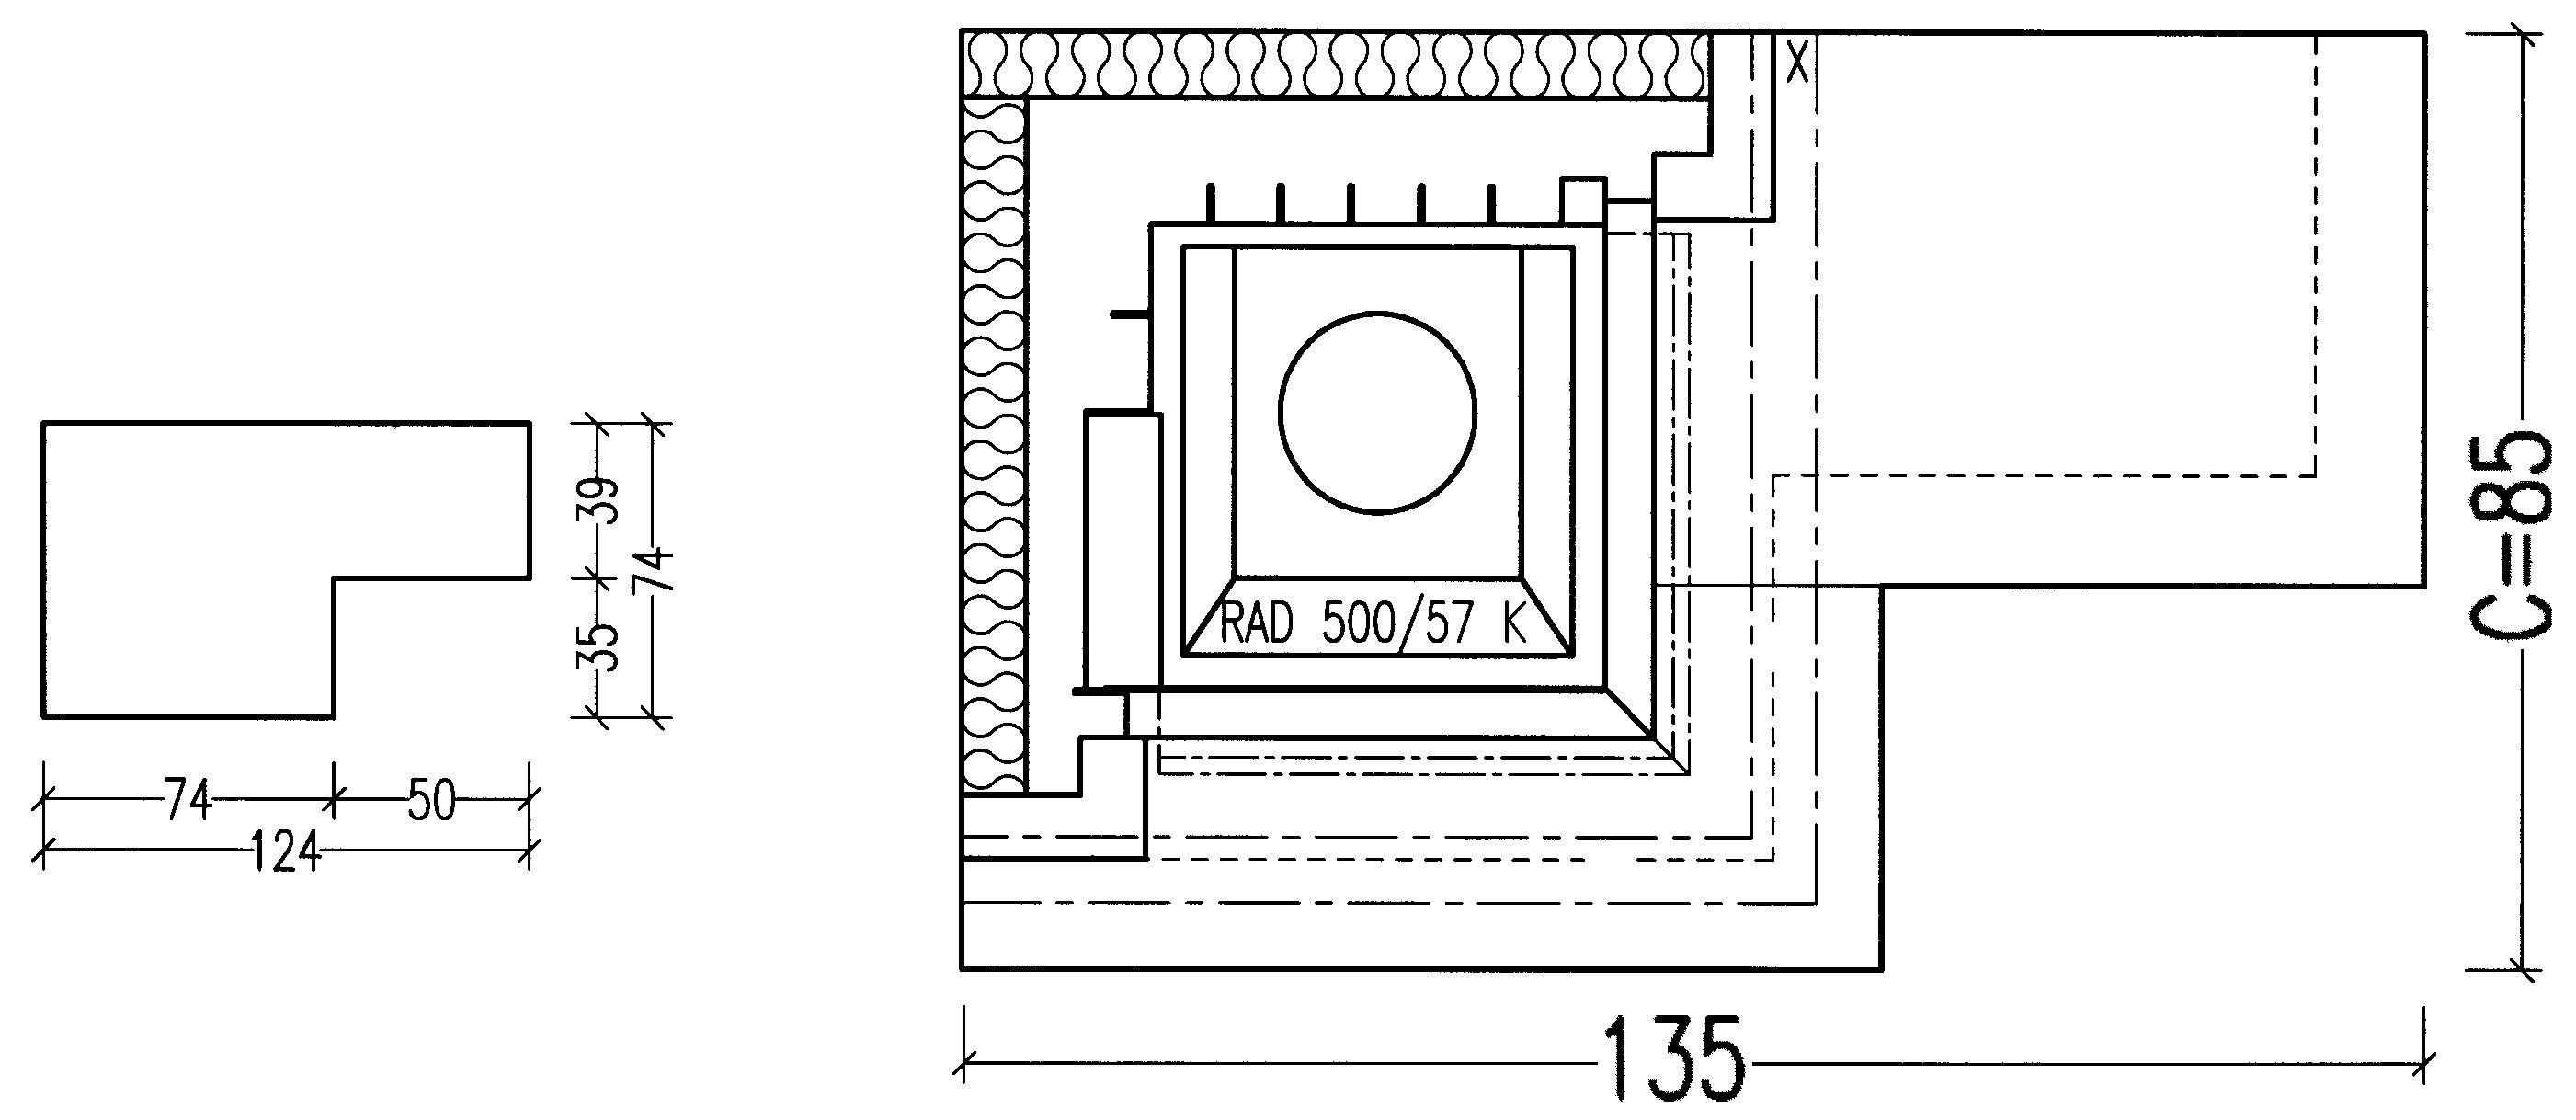 Kaminbausatz Hark Nebraska mit Radiante 500/57K Marmor Bank rechts 5kW Bild 2